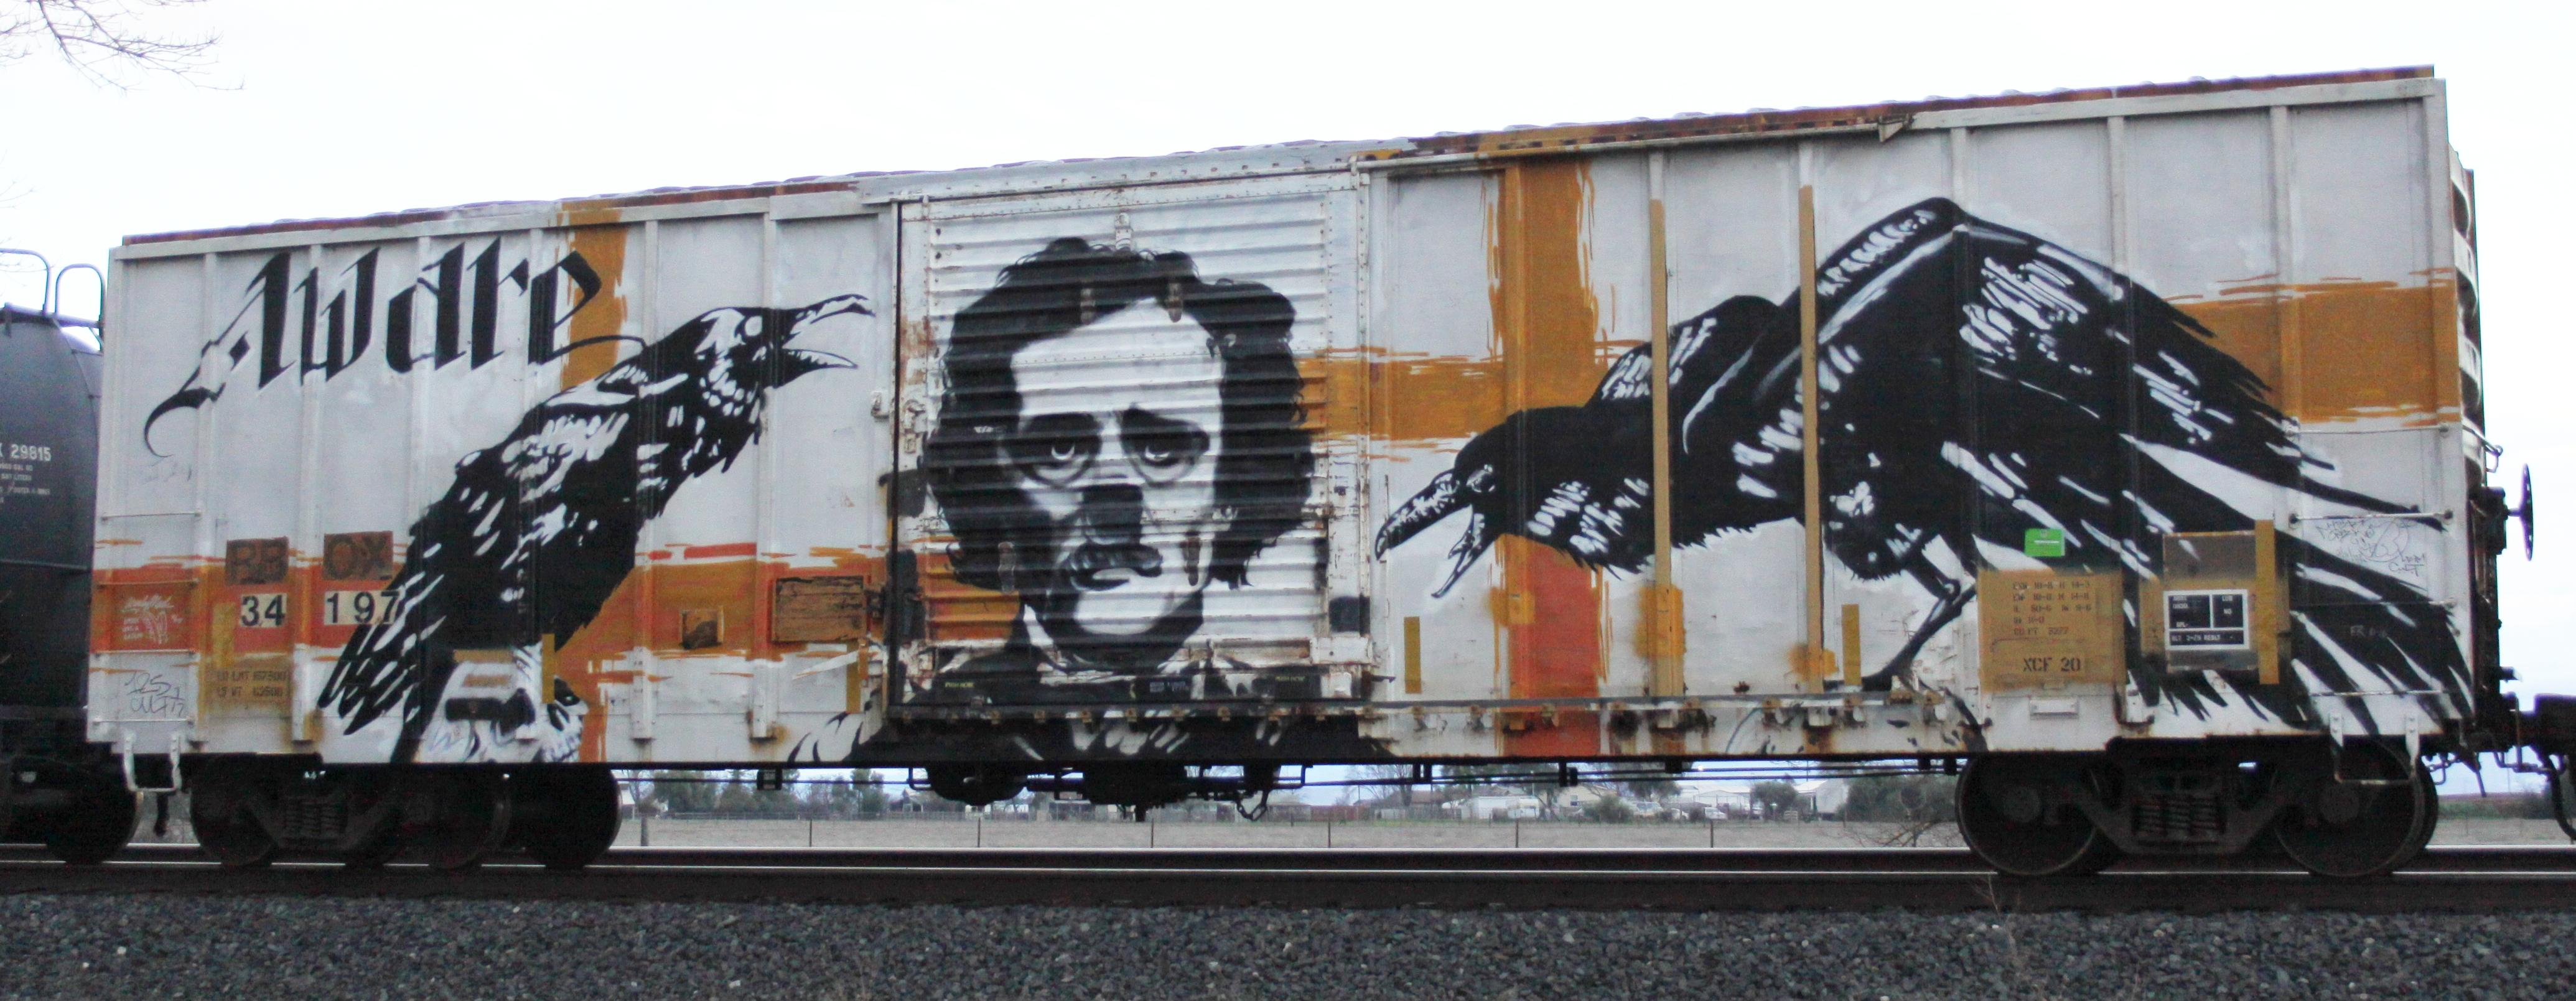 Aware - Edgar Allan Poe : Bombing